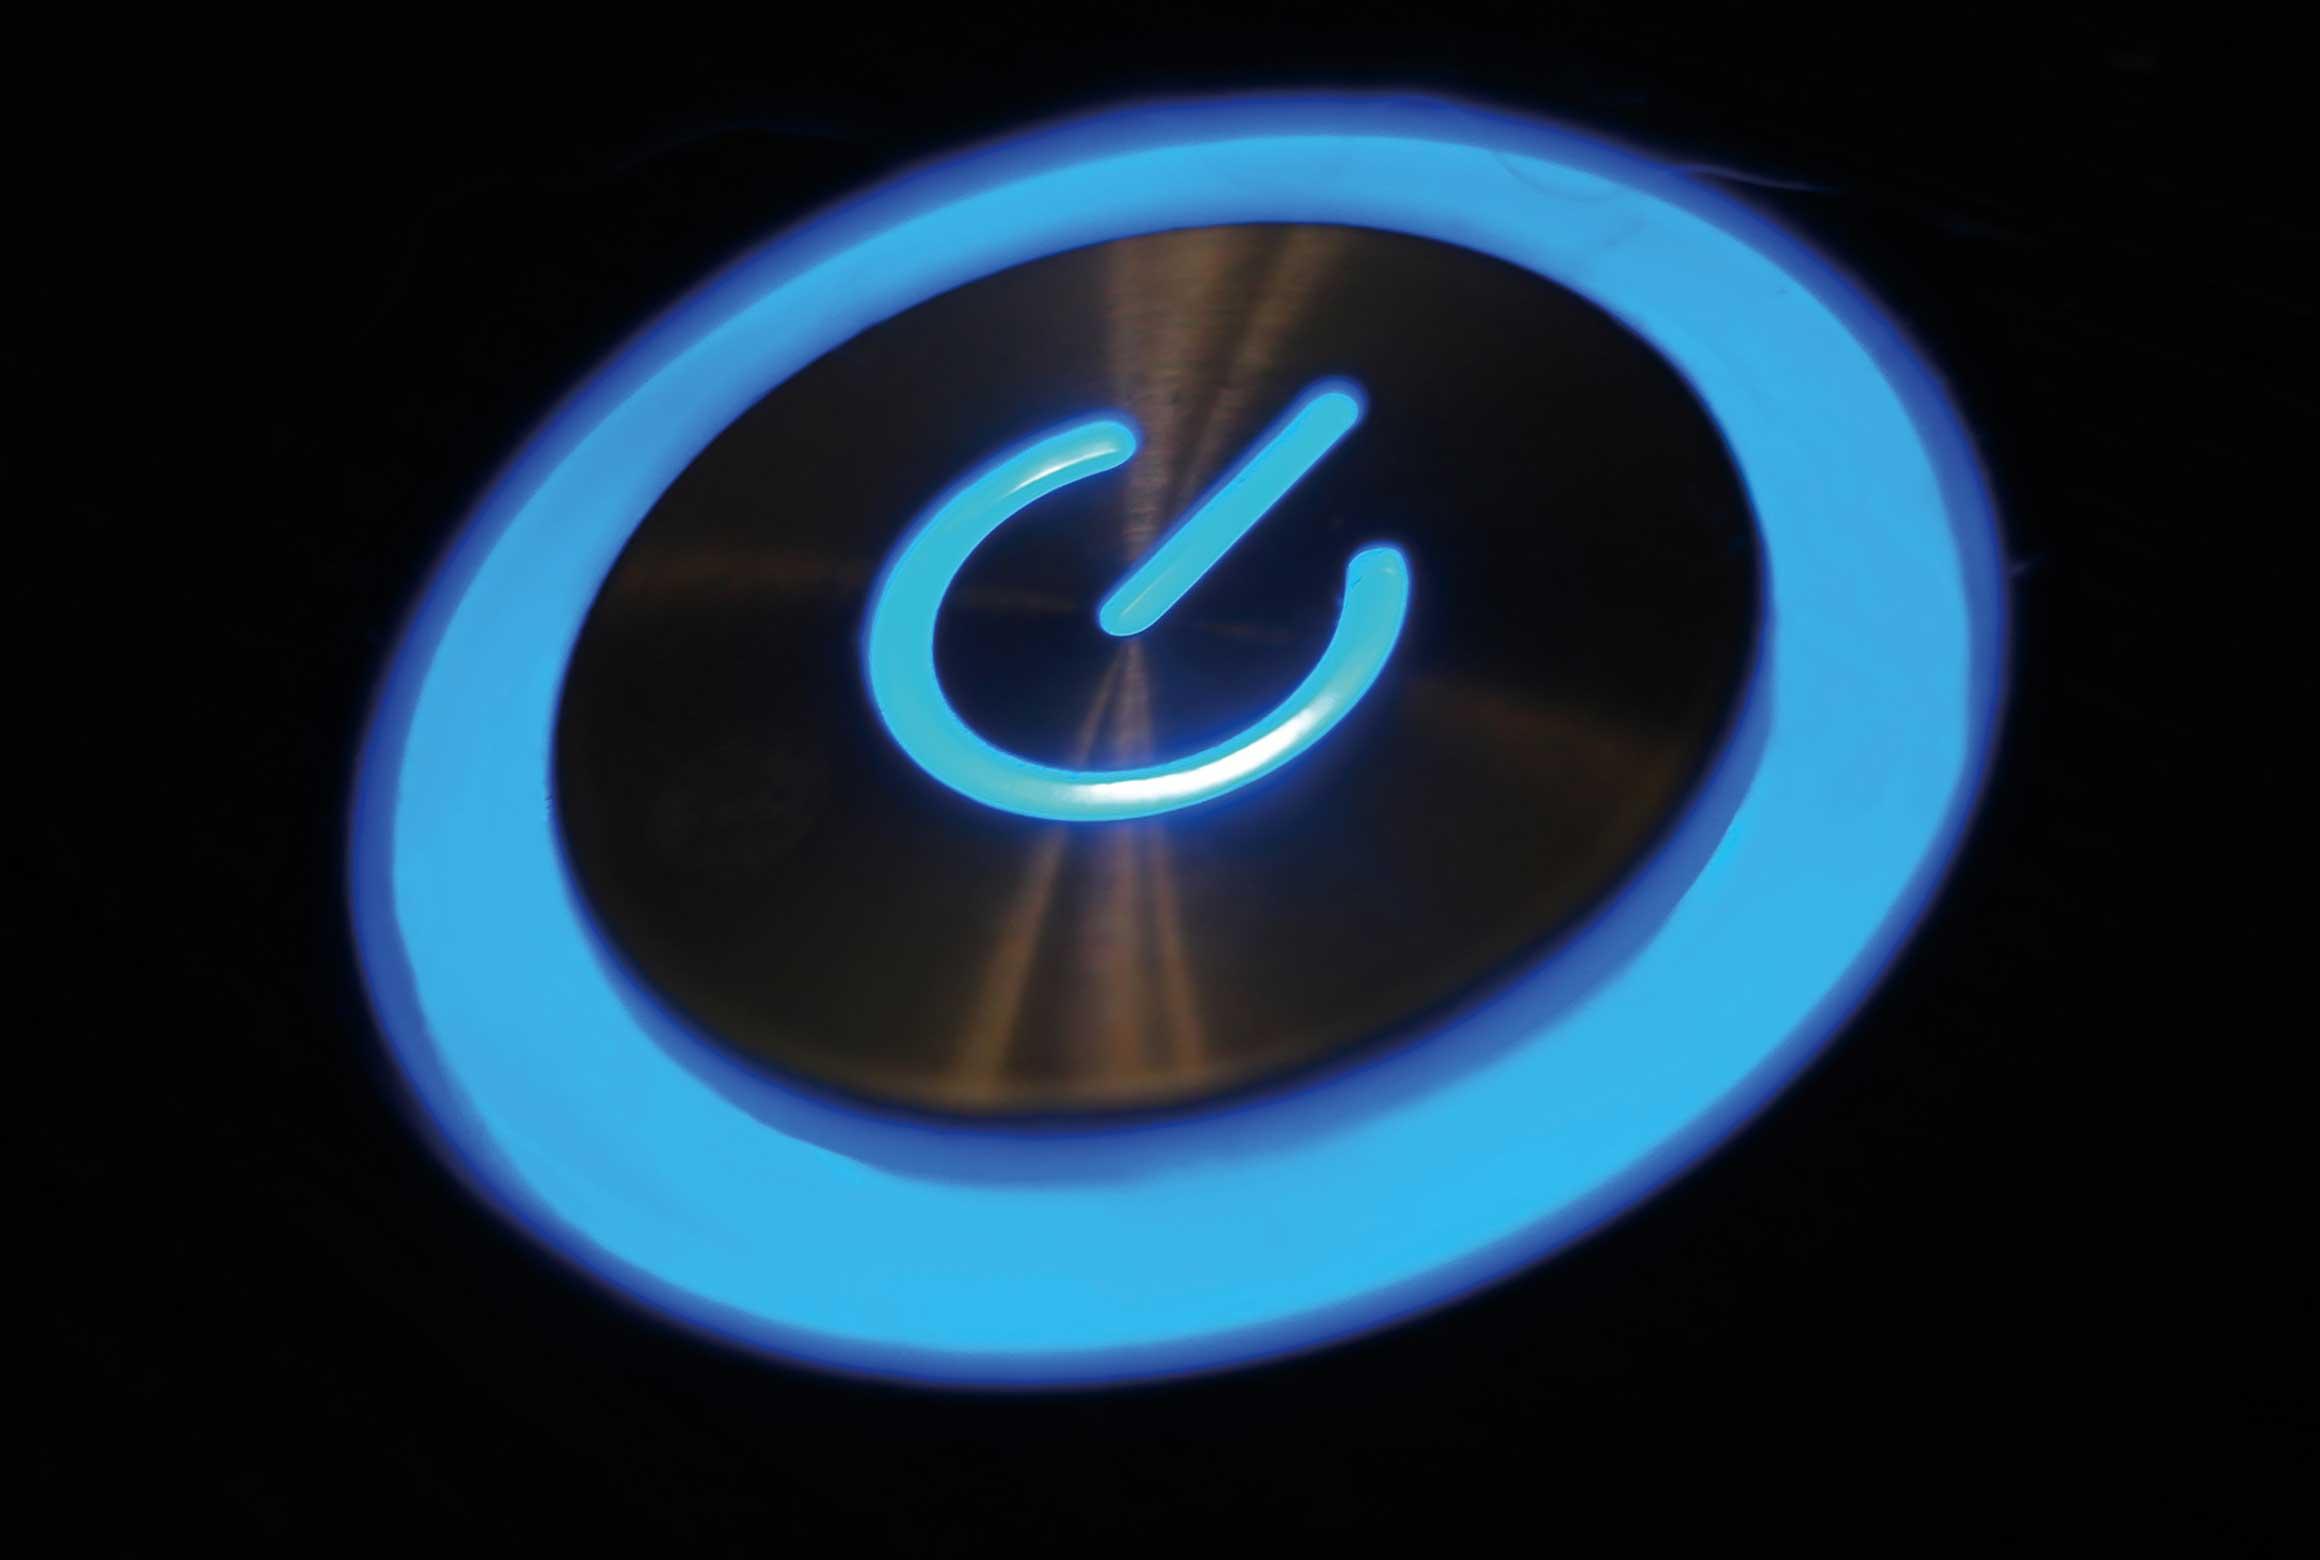 power button illuminated